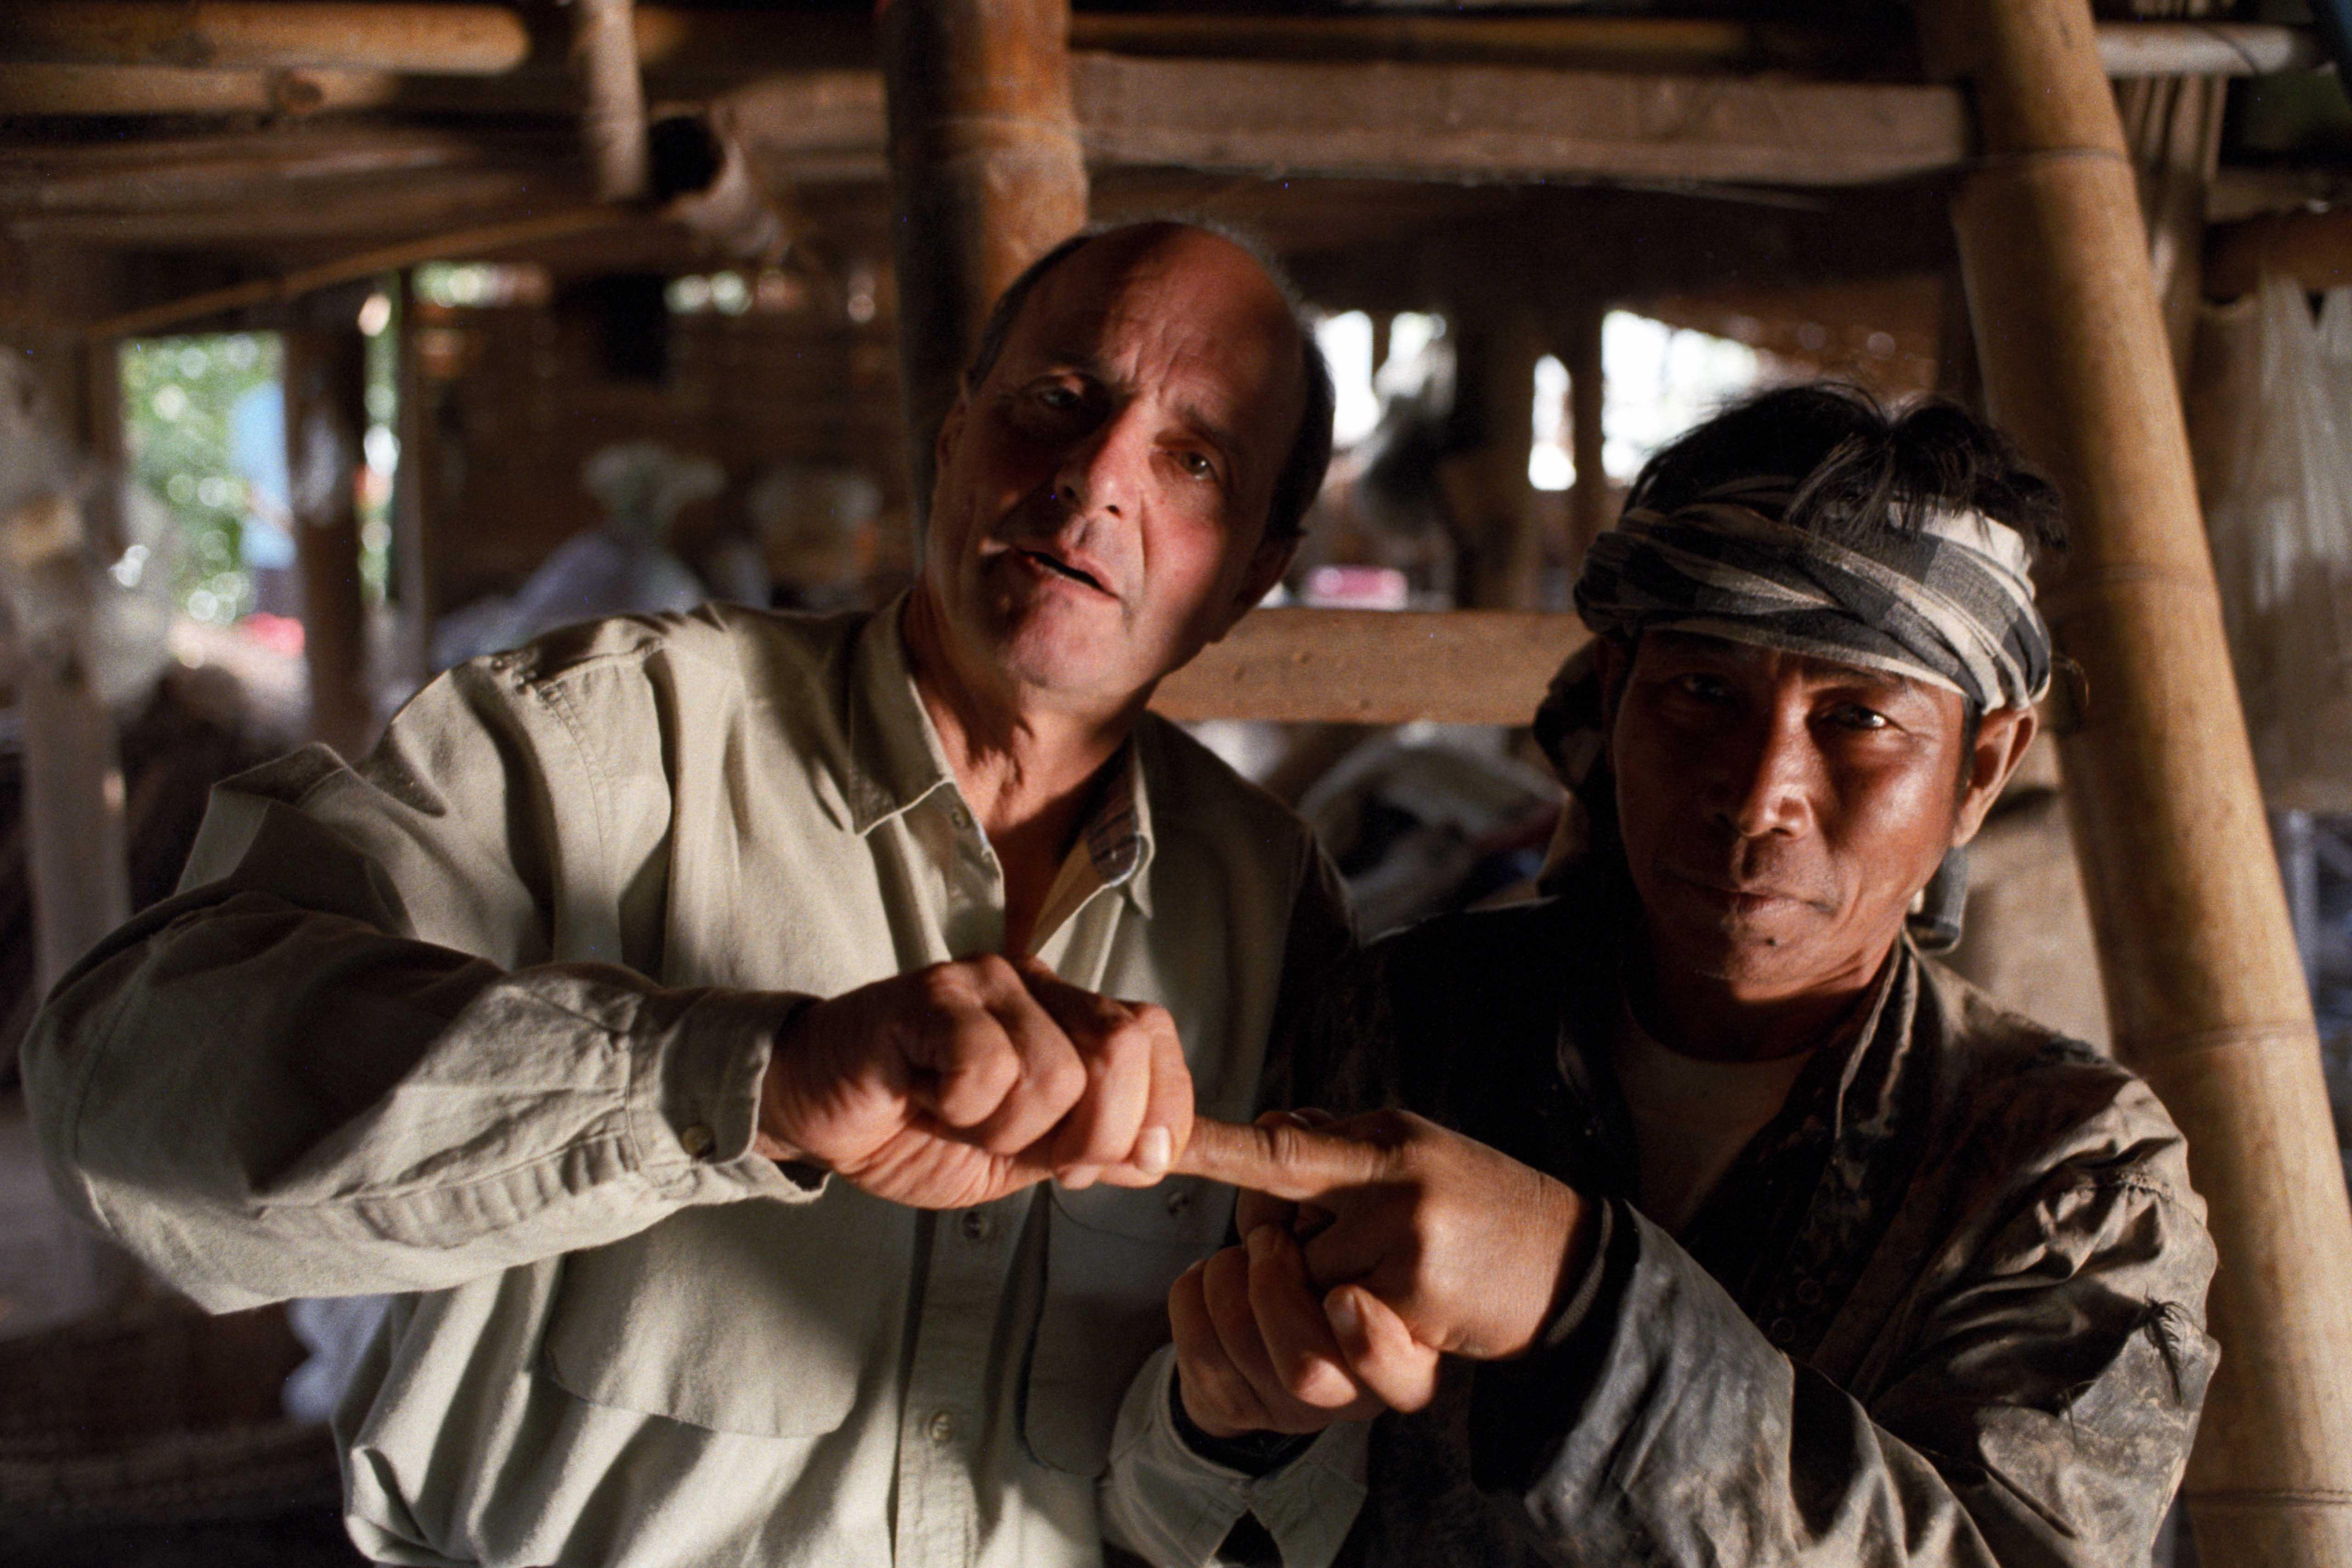 Still from the film Little Dieter Needs to Fly / Flucht aus Laos (Höllenfahrten, Episode 1)